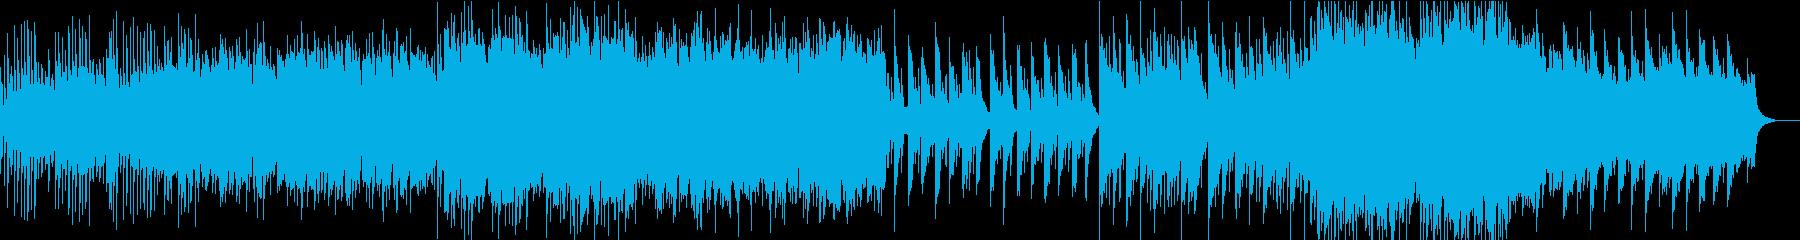 【和風】切なくノスタルジーなピアノの再生済みの波形